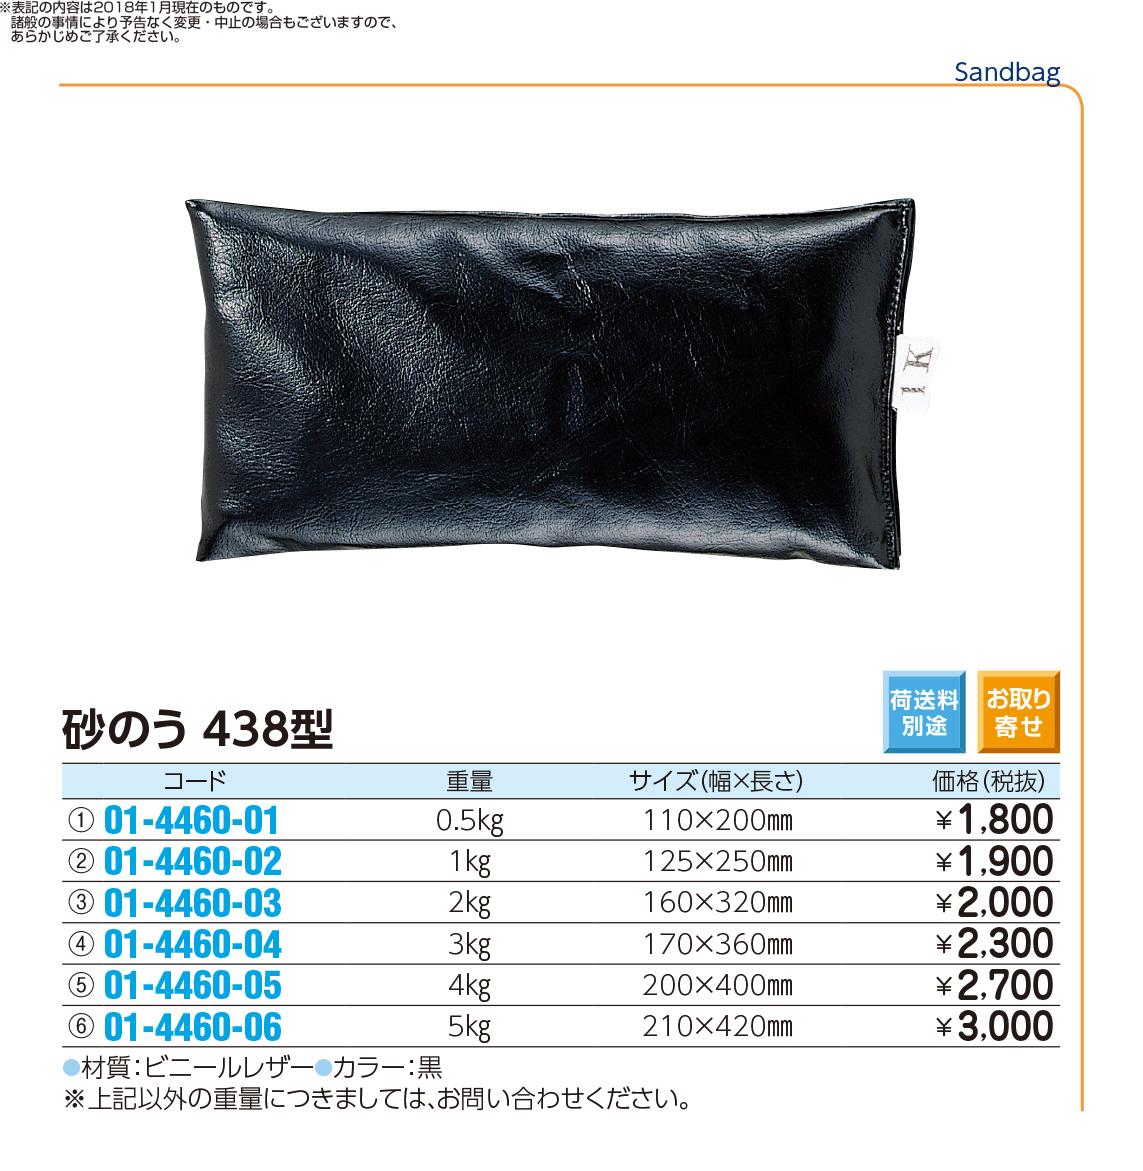 (01-4460-01)砂のう438型 0.5KG サノウ438ガタ【1個単位】【2018年カタログ商品】